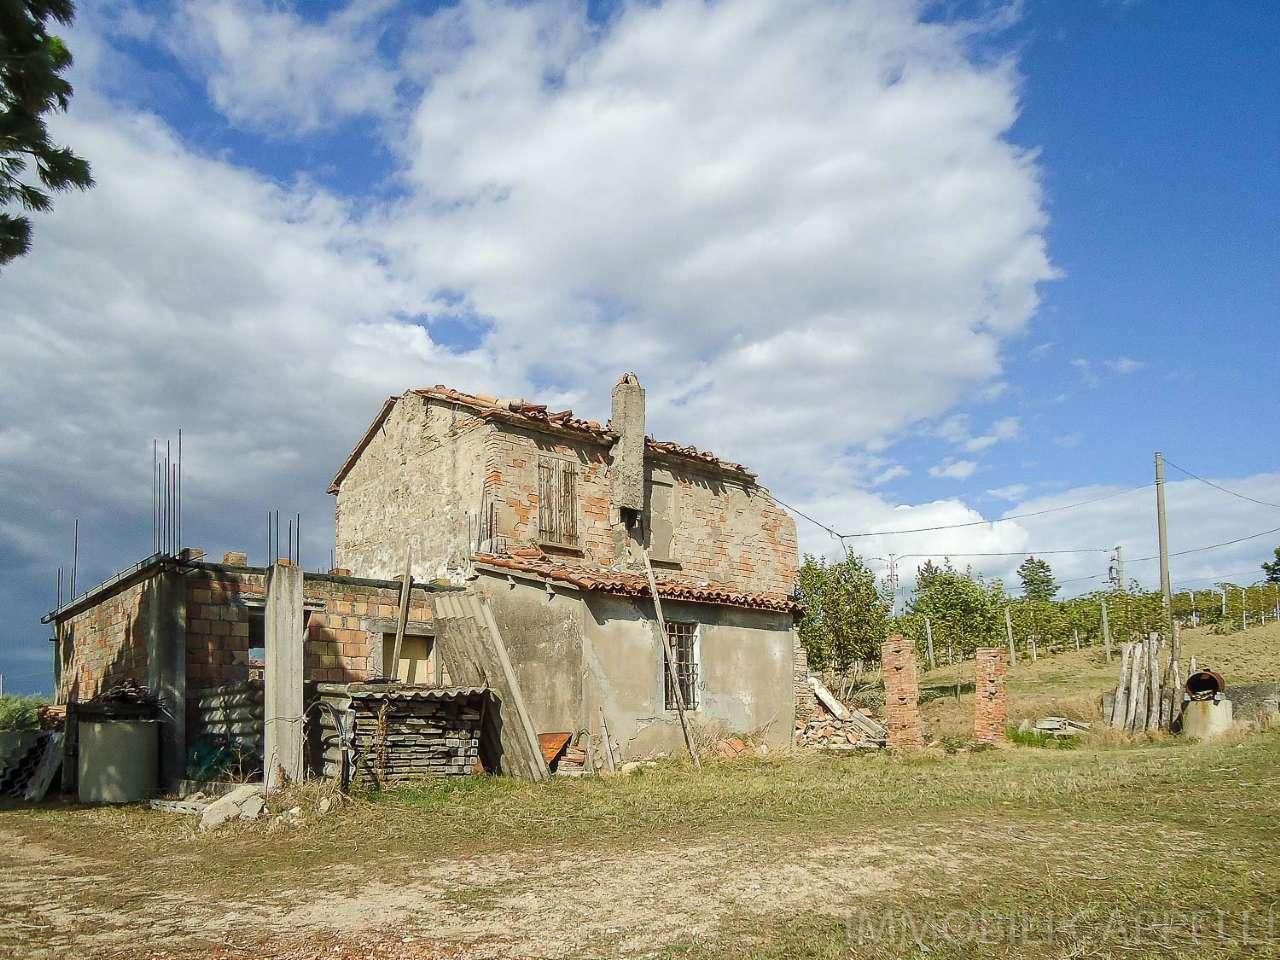 Soluzione Indipendente in vendita a Roncofreddo, 6 locali, prezzo € 100.000 | CambioCasa.it